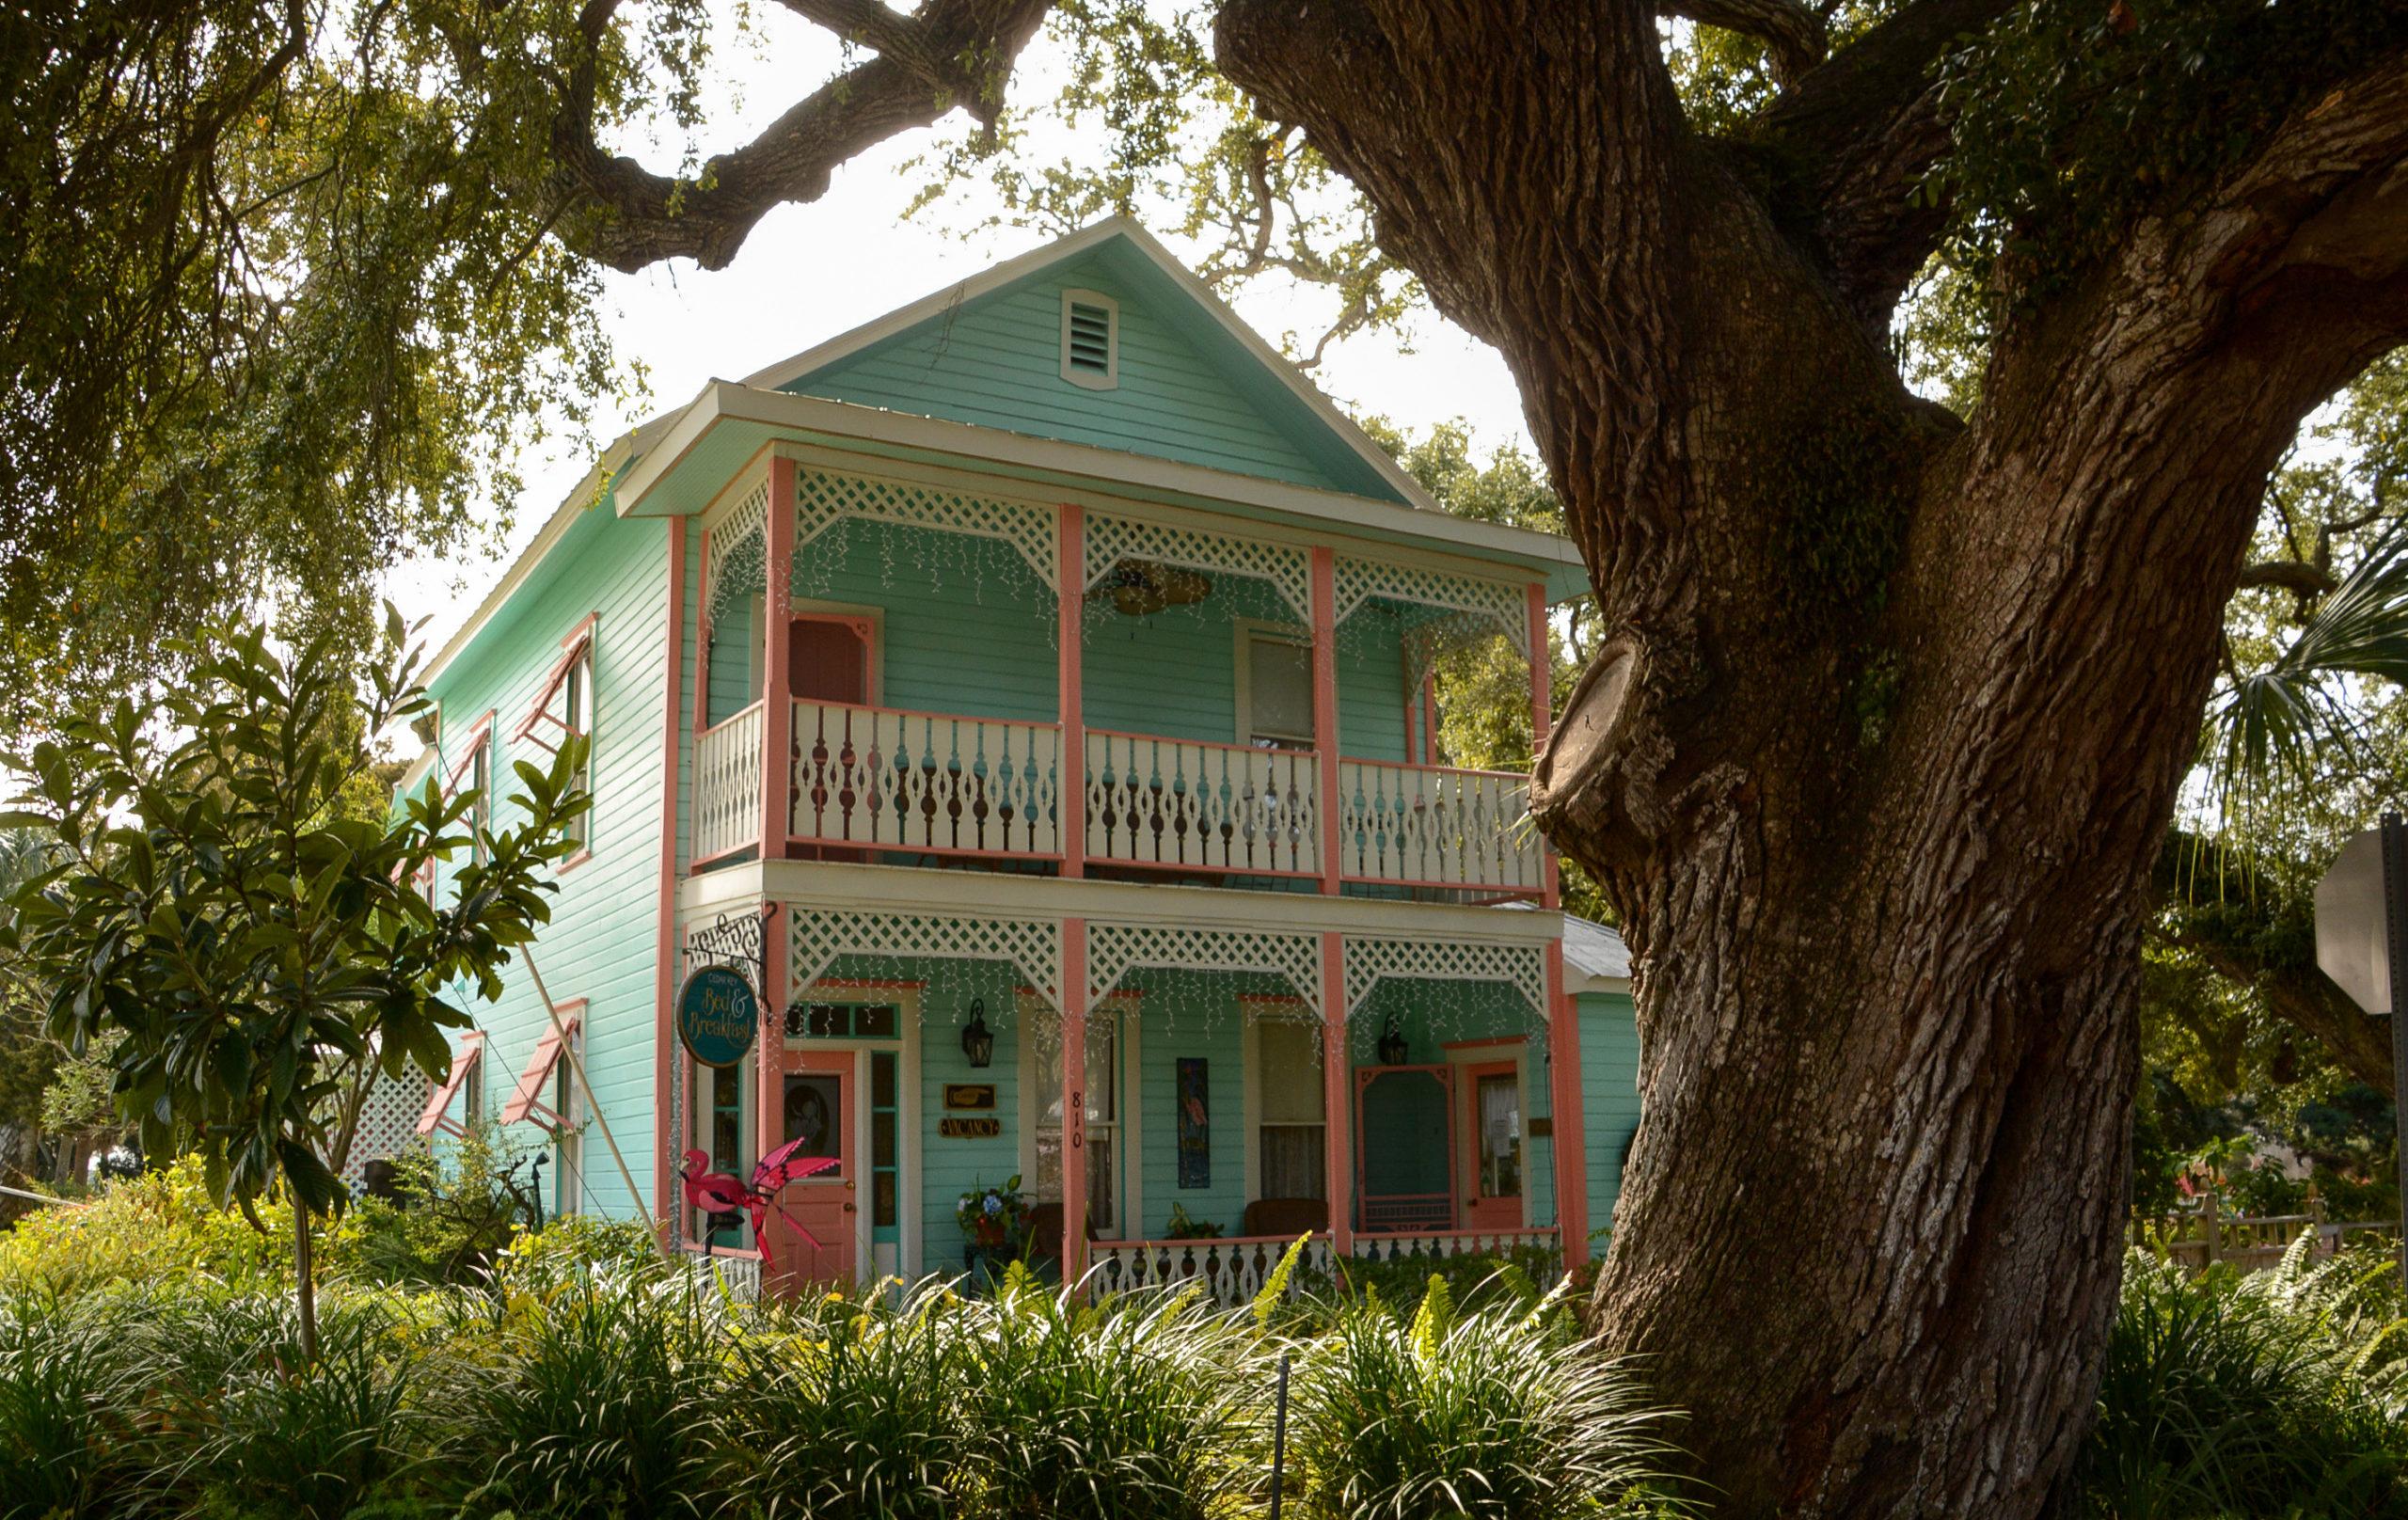 Wohnhaus mit Holzveranda und Wacholderbaum auf Cedar Key in Florida